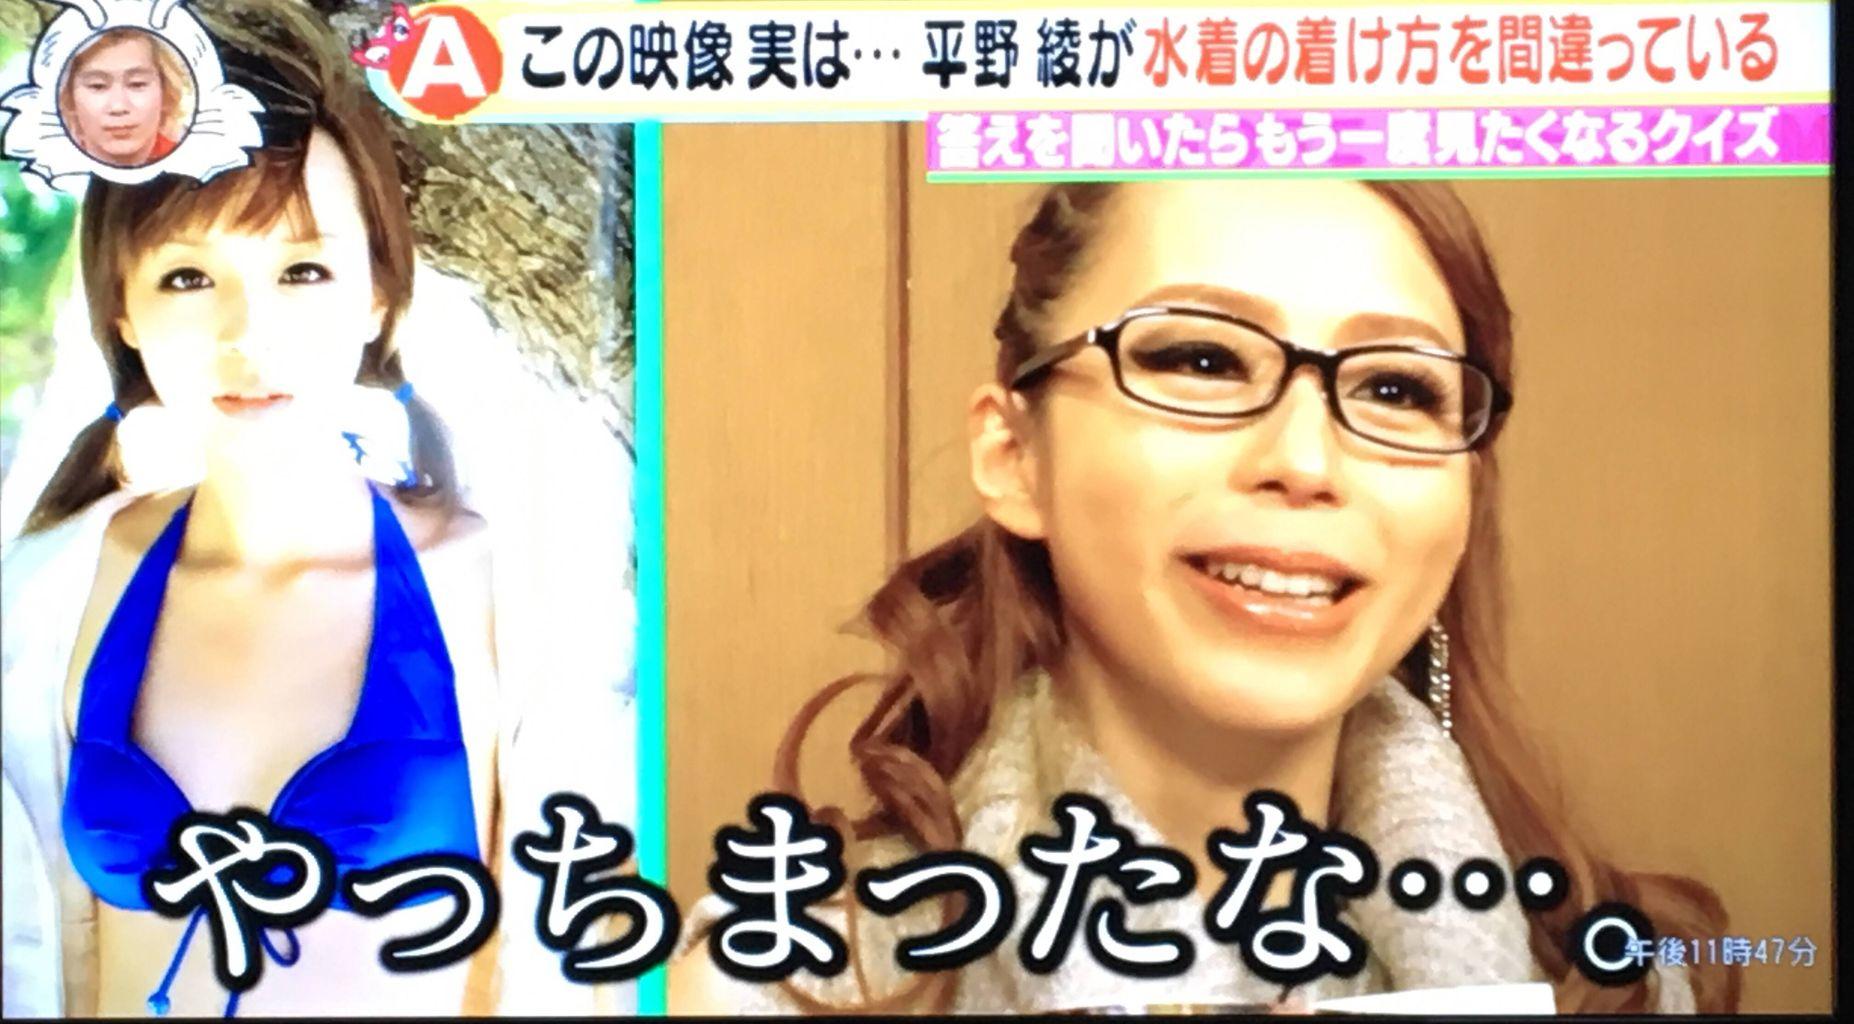 【エンタメ画像】《悲報》フジが平野綾の古傷を抉る!!!!!!!!!!!!!【画像あり】